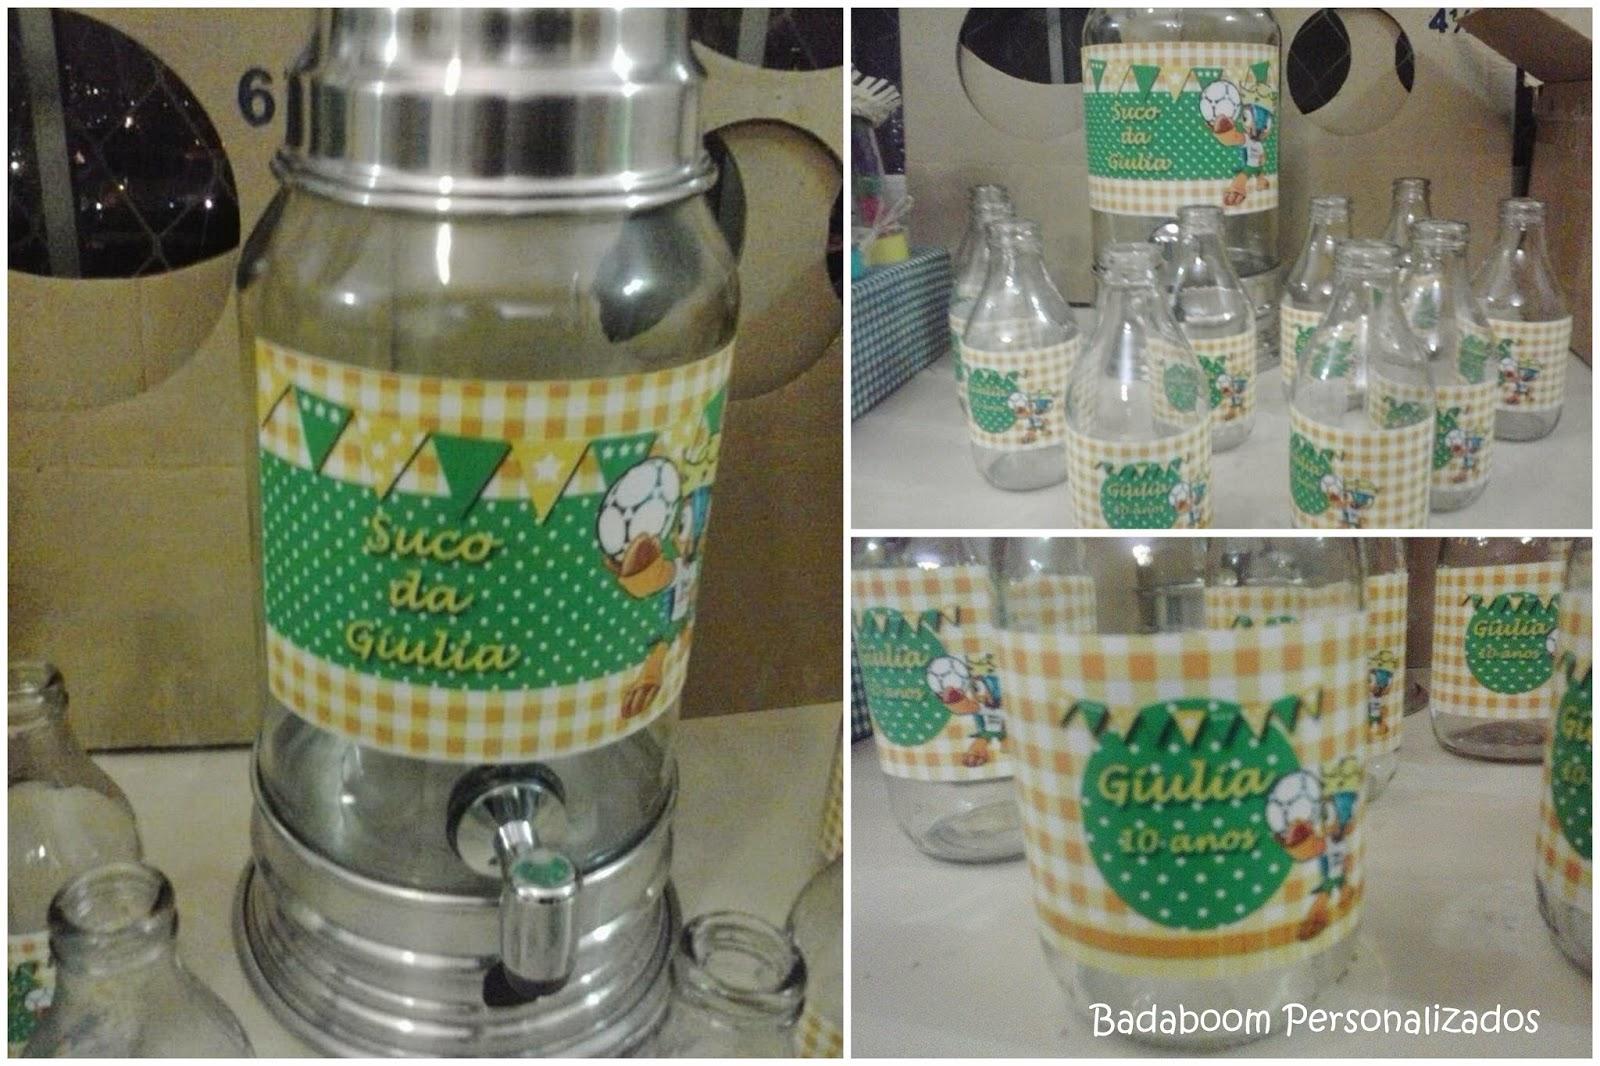 arte digital, kit digital, personalizados, suqueira, rótulos, garrafinhas de suco, Fuleco, Copa do Mundo 2014, Brasil